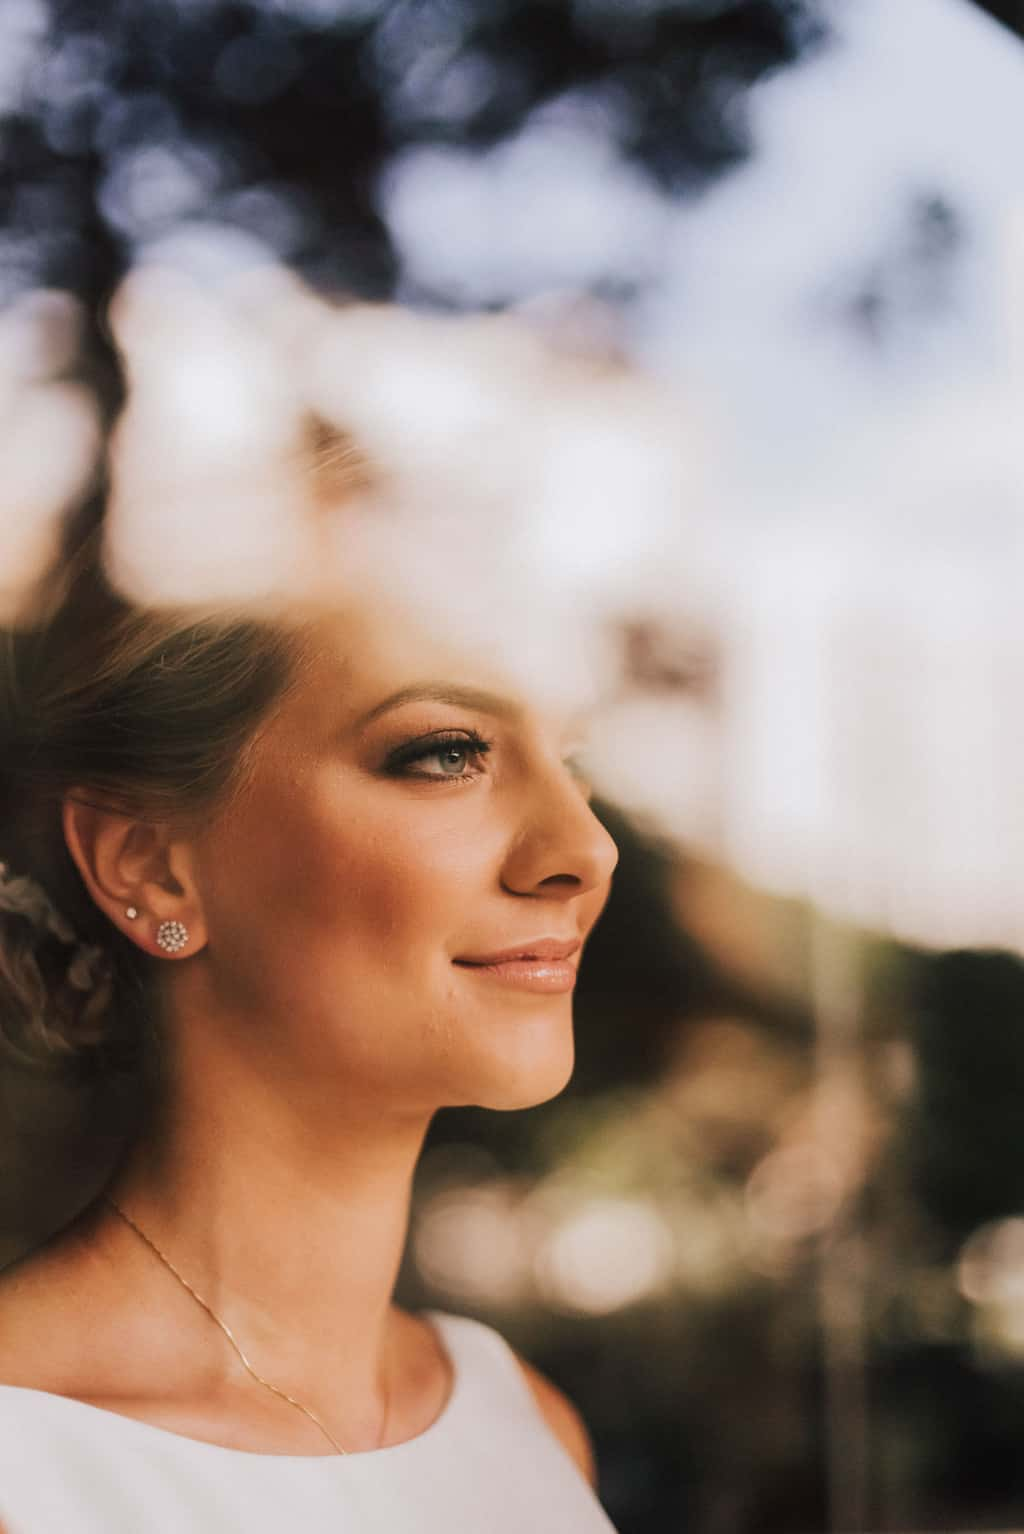 Braulio-Delai-casamento-Luciana-e-Eduardo-Cerimonial-Sandra-Colin-Fotografia-Mana-Gollo-Igreja-Santa-Terezinha-e-Espaço-Klaine-making-of8